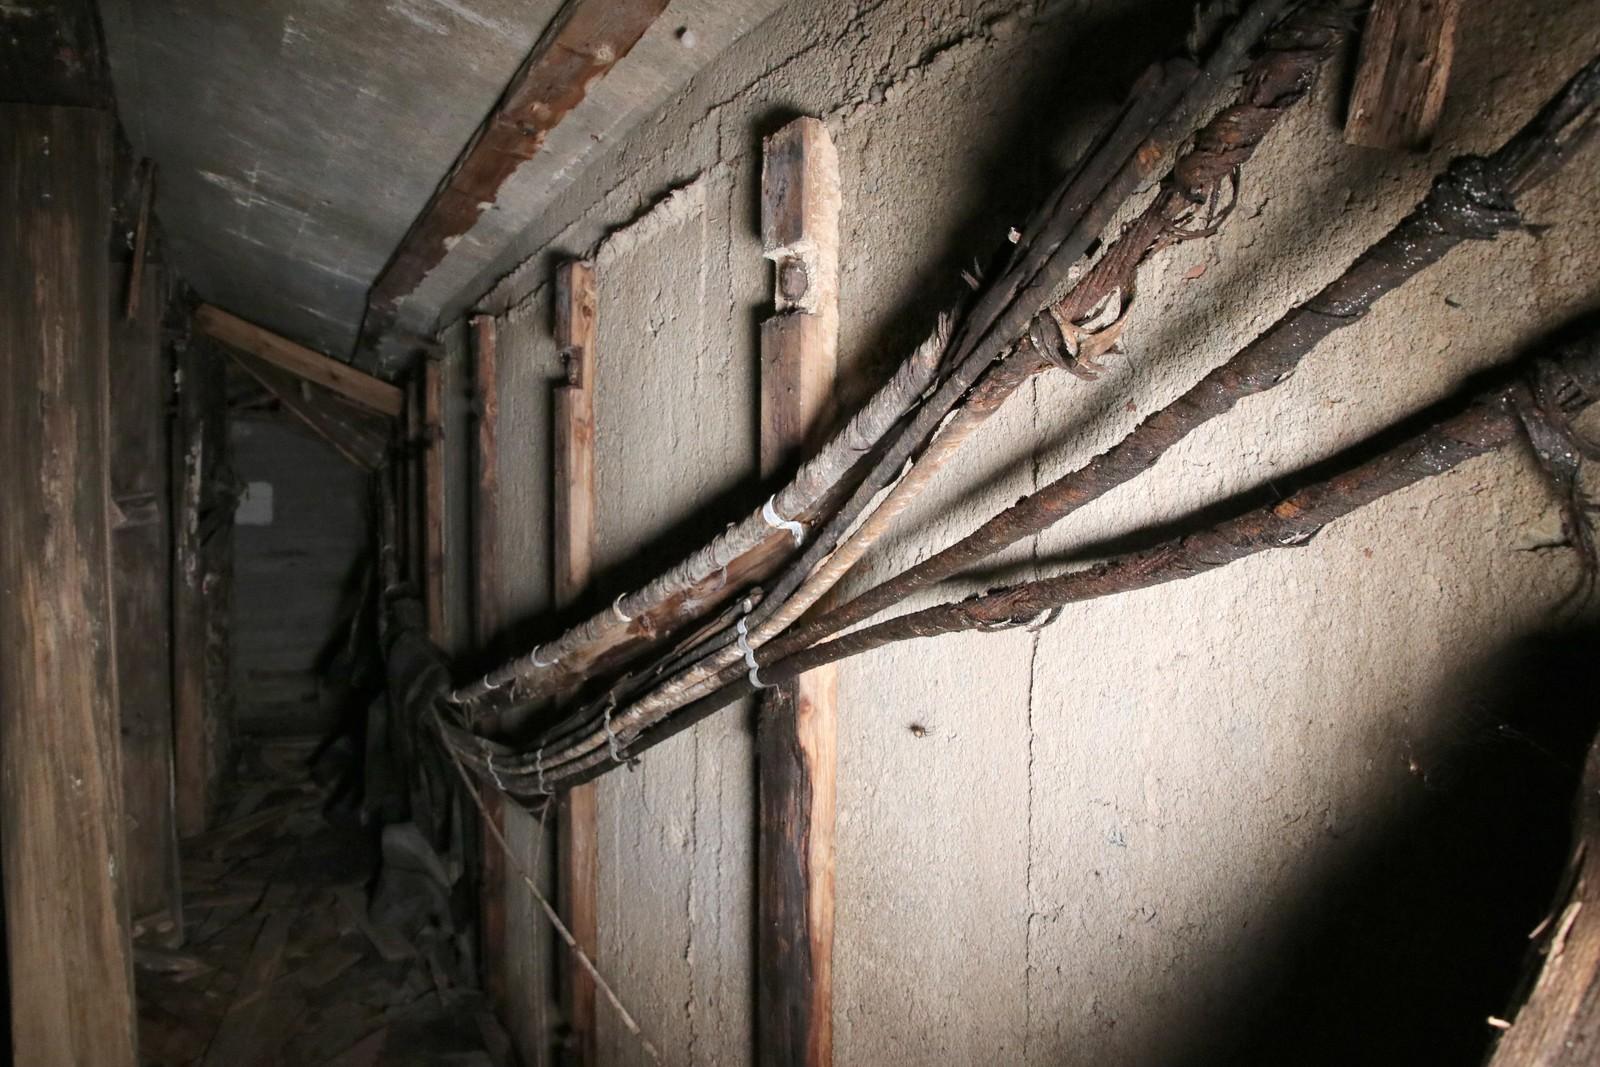 Disse ledningene hang tyskerne opp da de var i Haubitz anlegget.